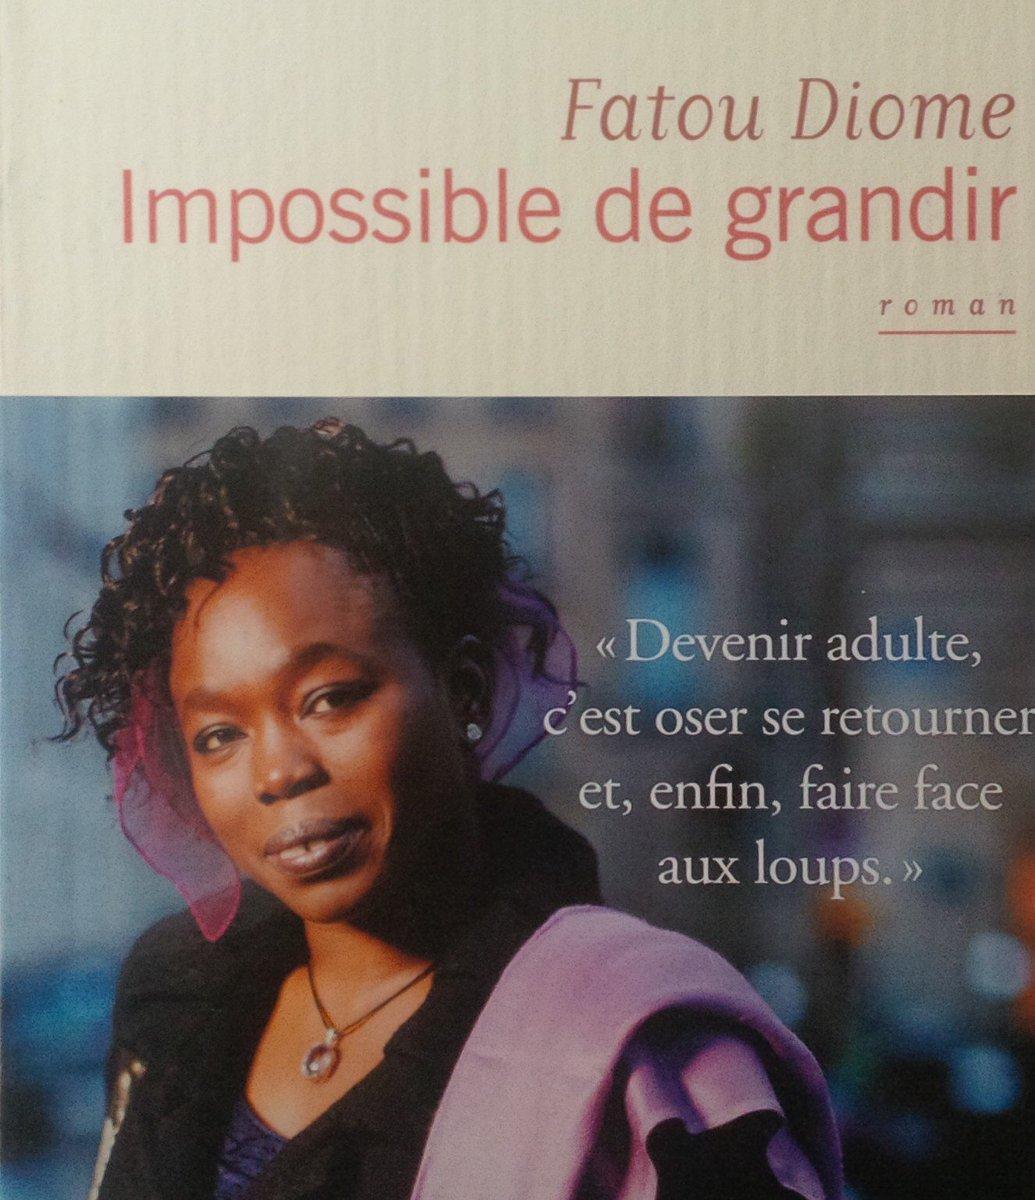 """""""...rien n'oblige le crépuscule à honorer les promesses de l'aube."""" - Impossible de grandir, #Fatou #Diome #Lire pic.twitter.com/c9Fqn9h23T"""